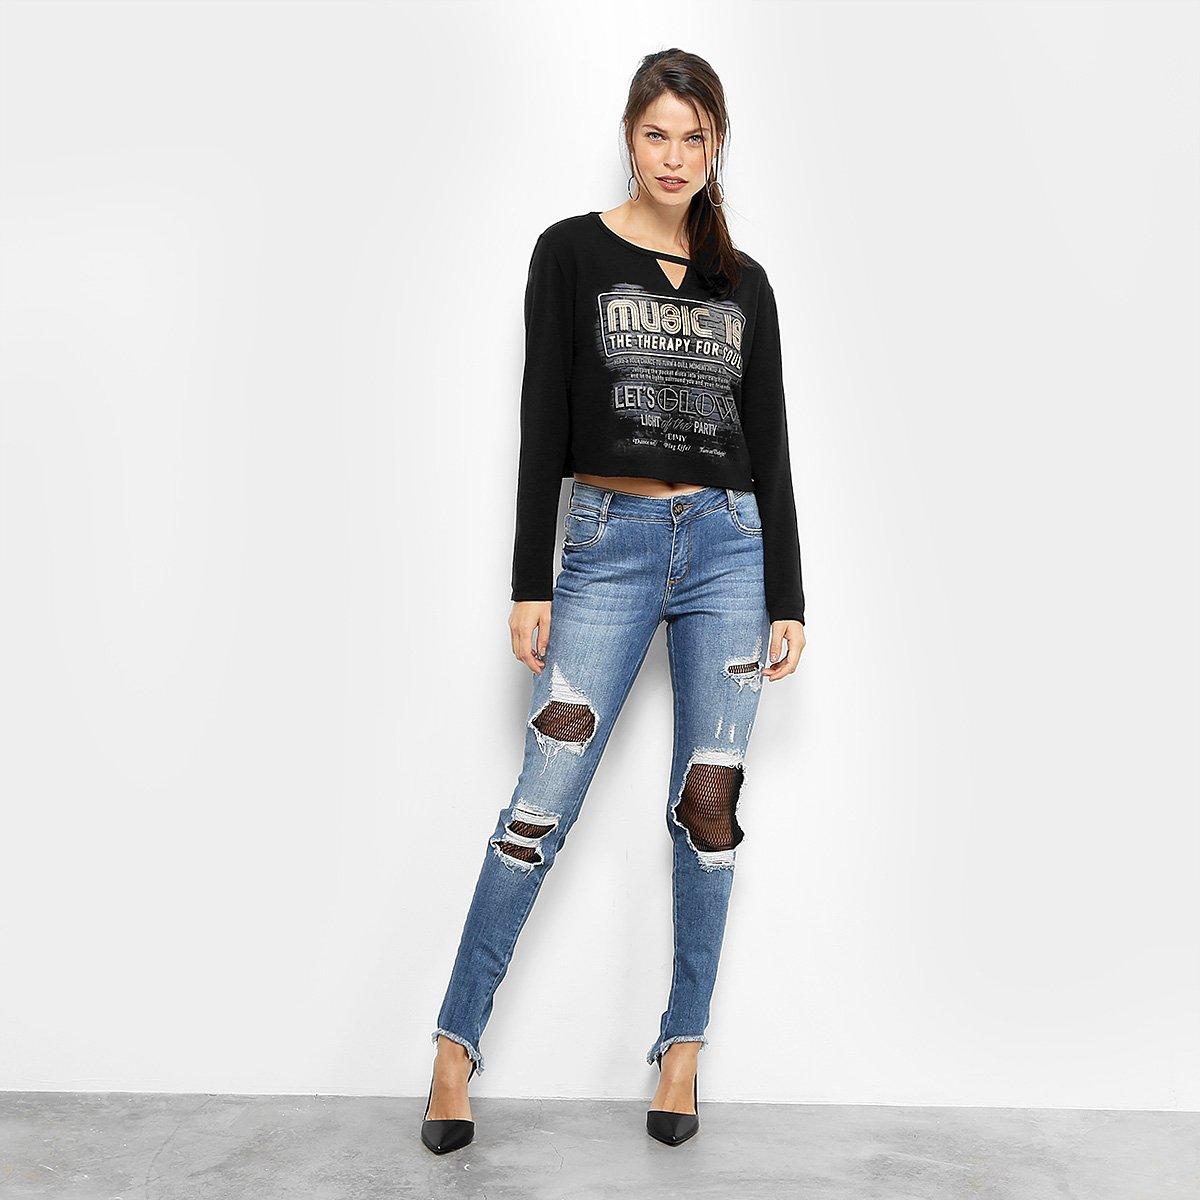 715e13b24 Malha Dimy Top Cropped Silk Recorte Feminina | Livelo -Sua Vida com ...